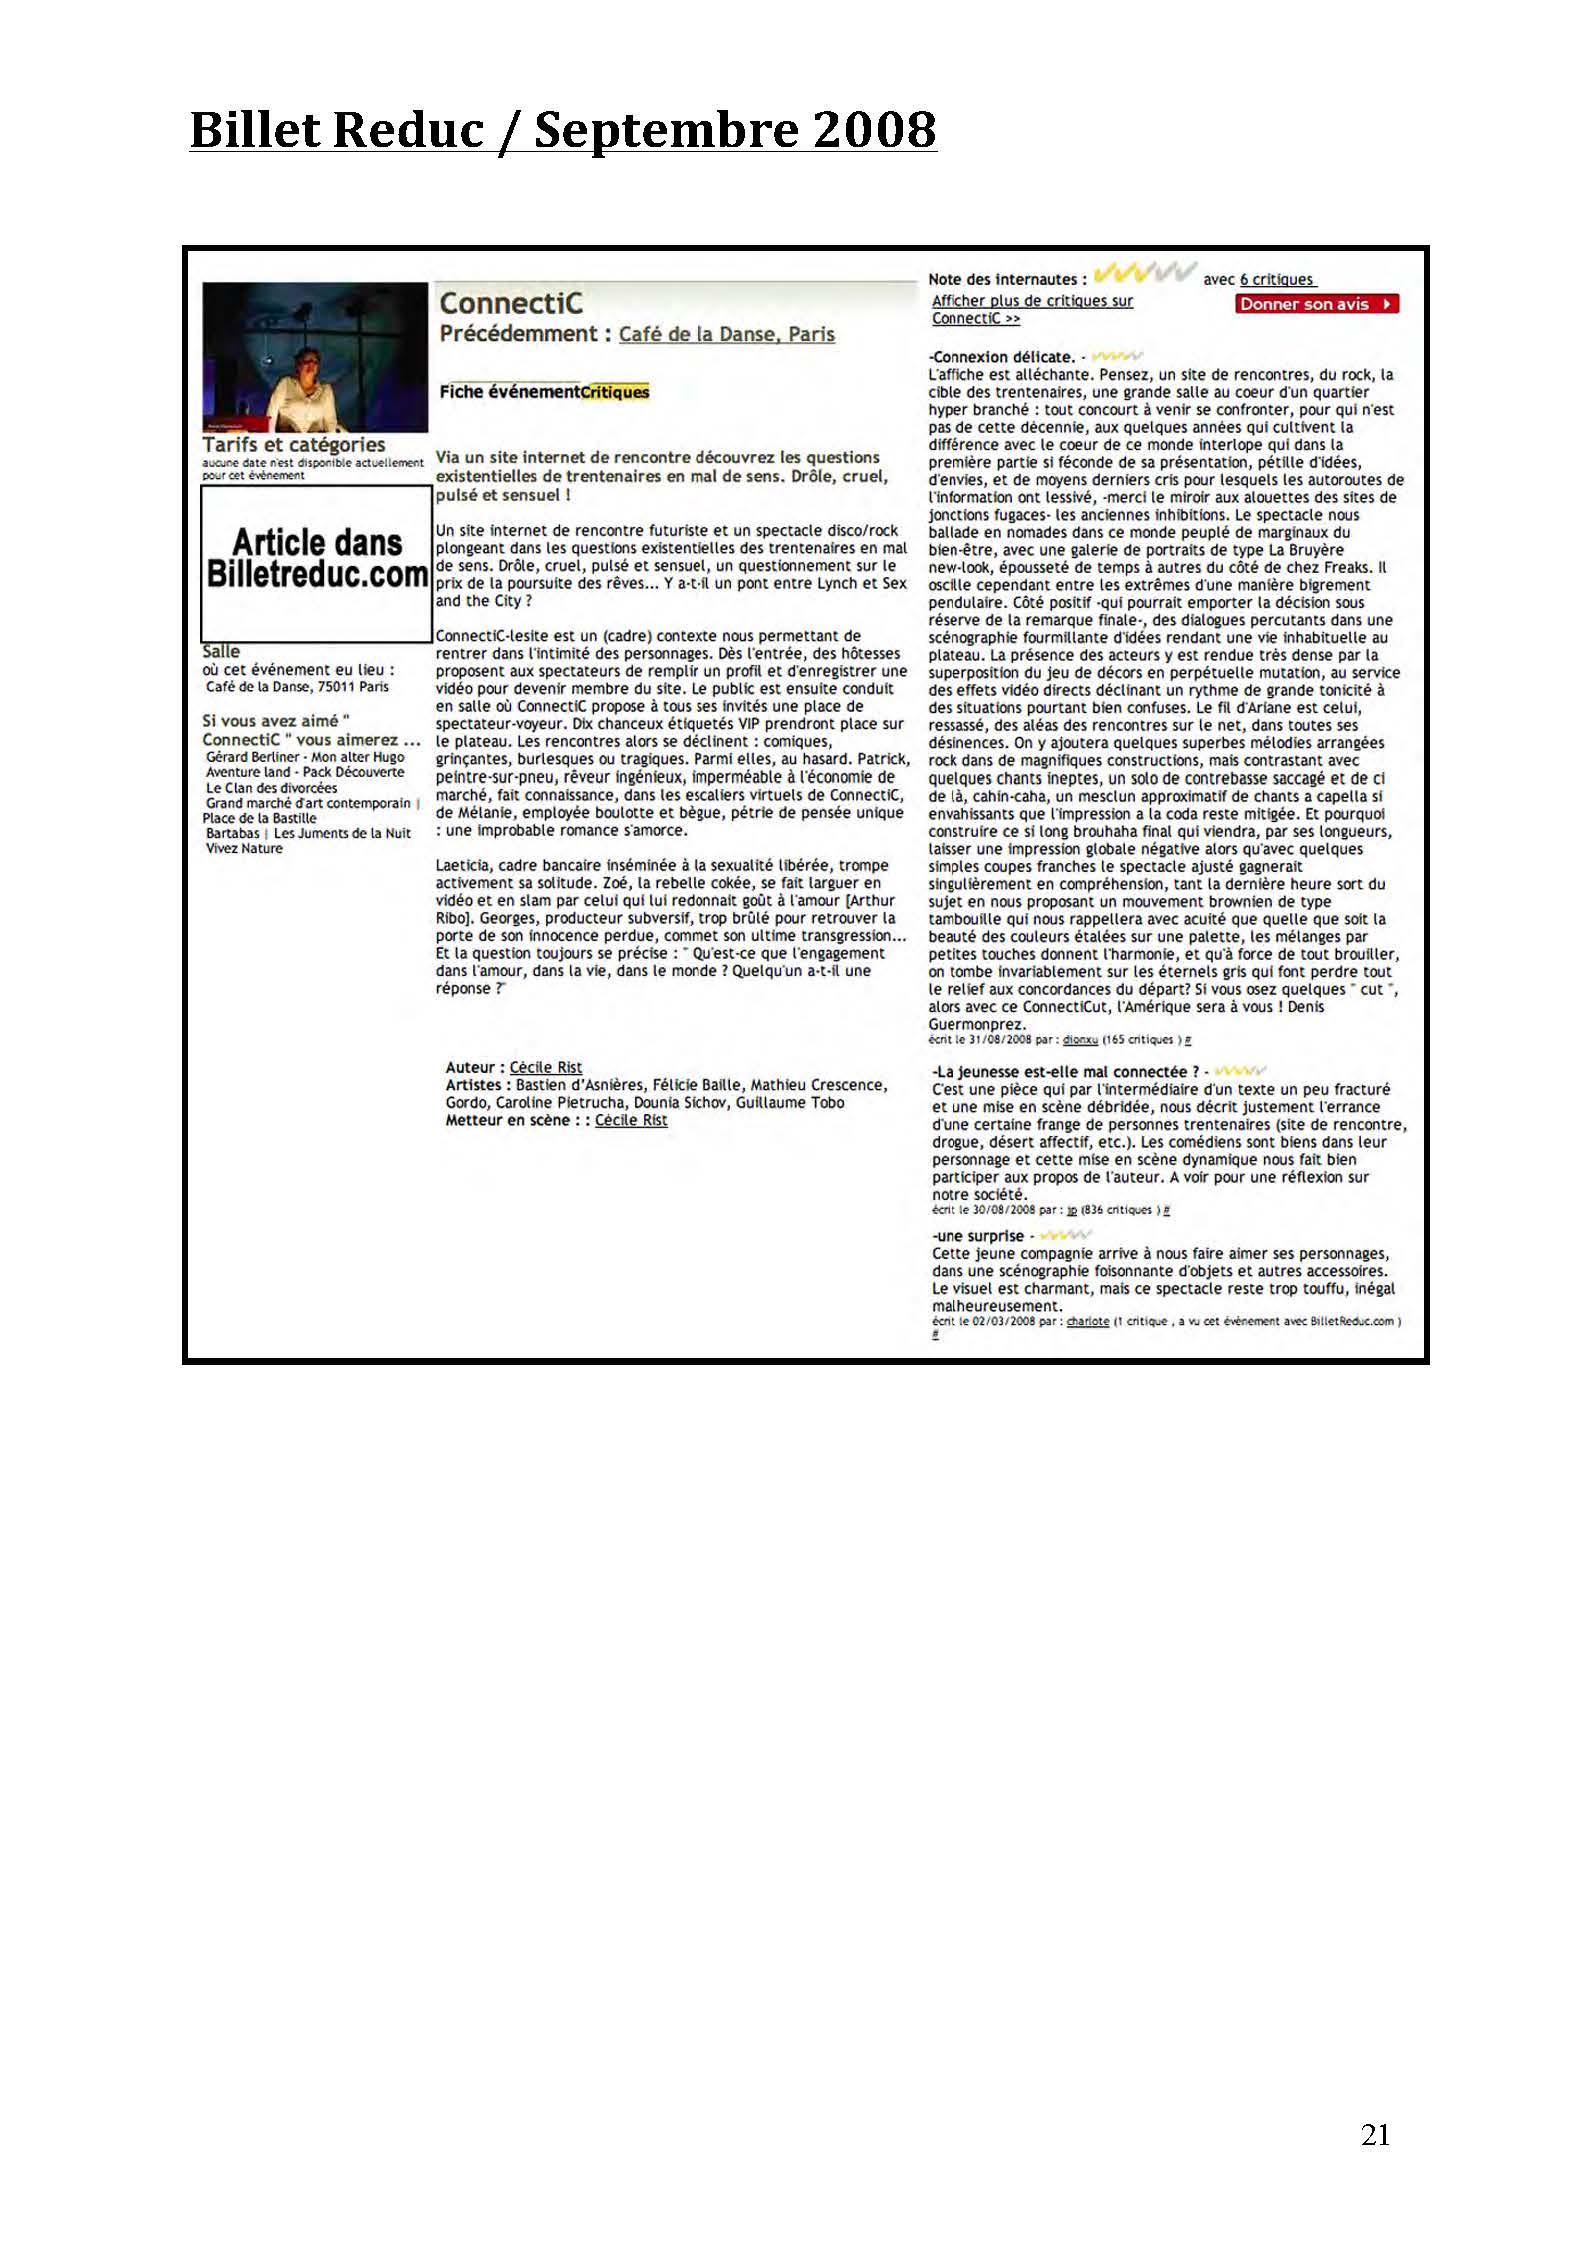 LA NUIT JUSTE AVANT LES FORÊTS - Revue de presse de BordCadre & Cécile Rist_Page_17